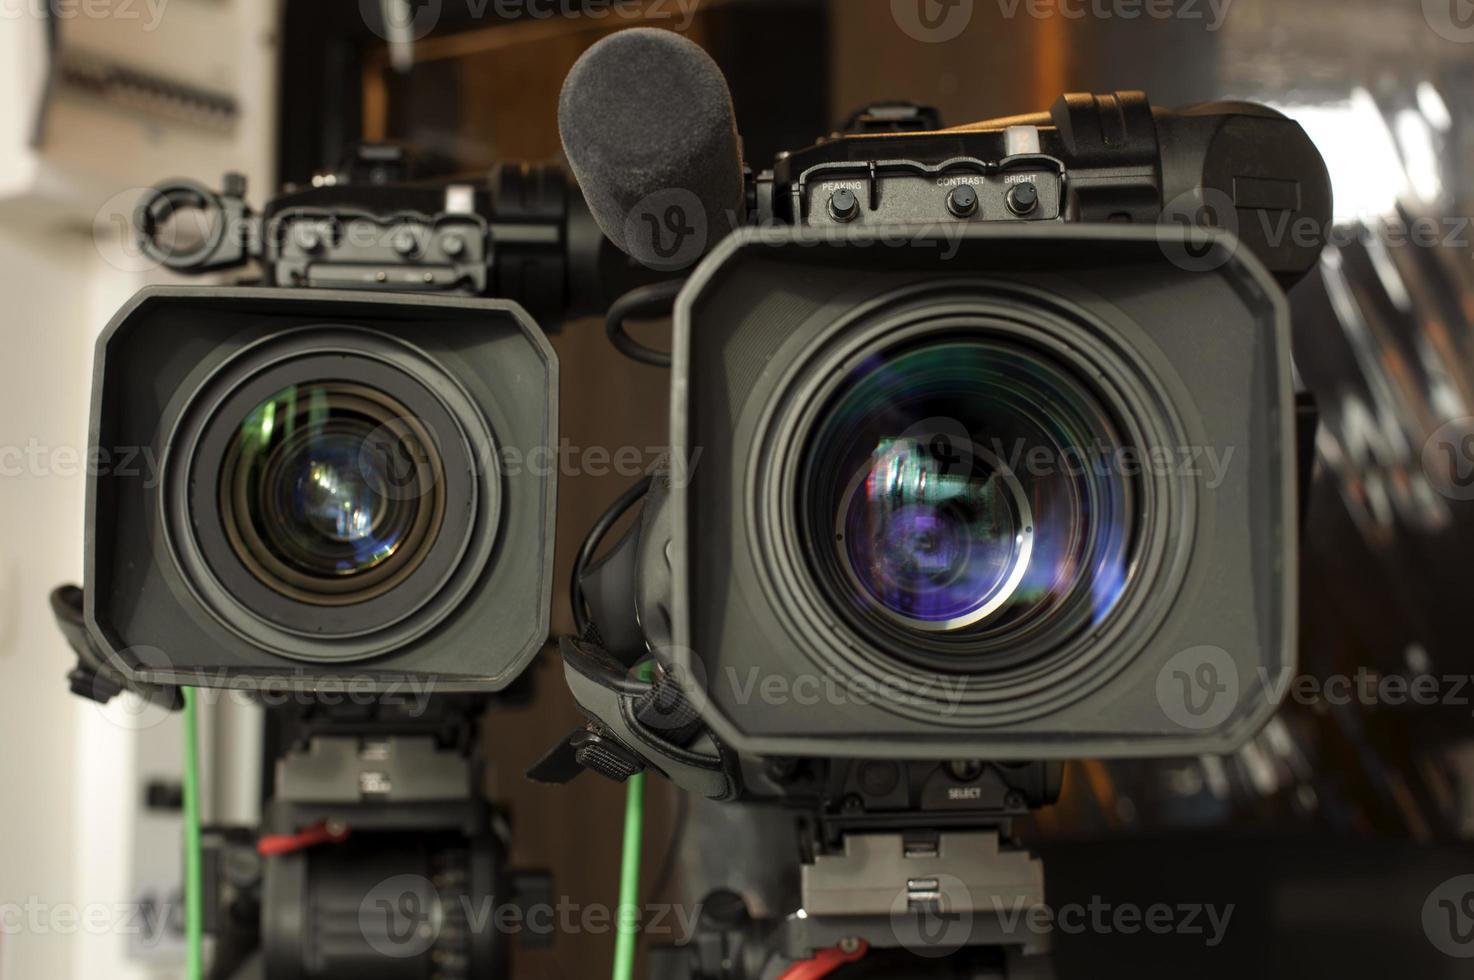 caméra vidéo numérique professionnelle. photo